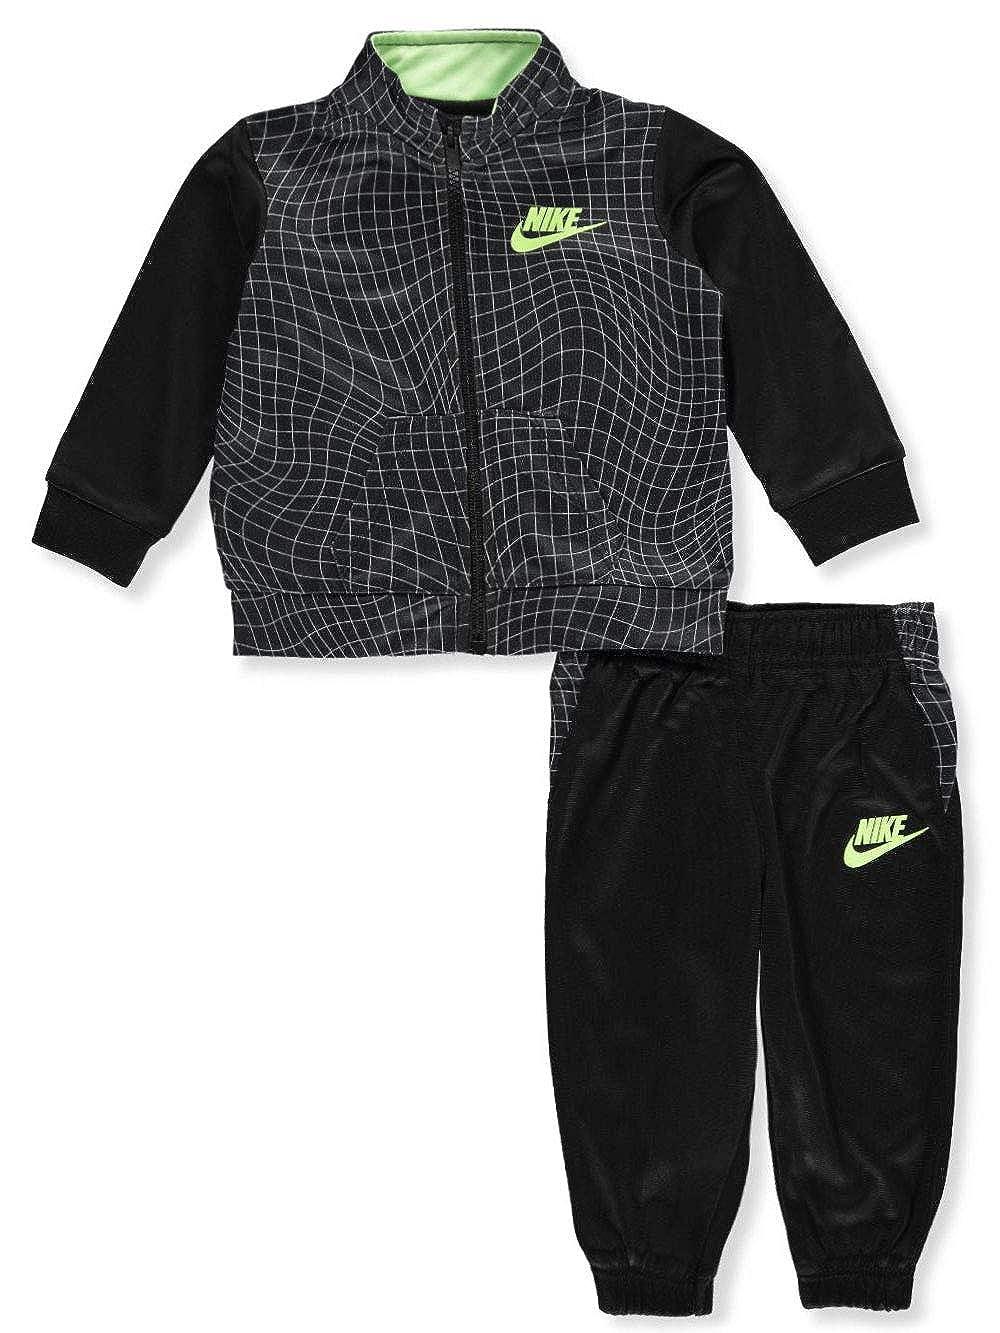 Nike - Chándal para niños (2 Piezas) - Multi - 9 Meses: Amazon.es ...